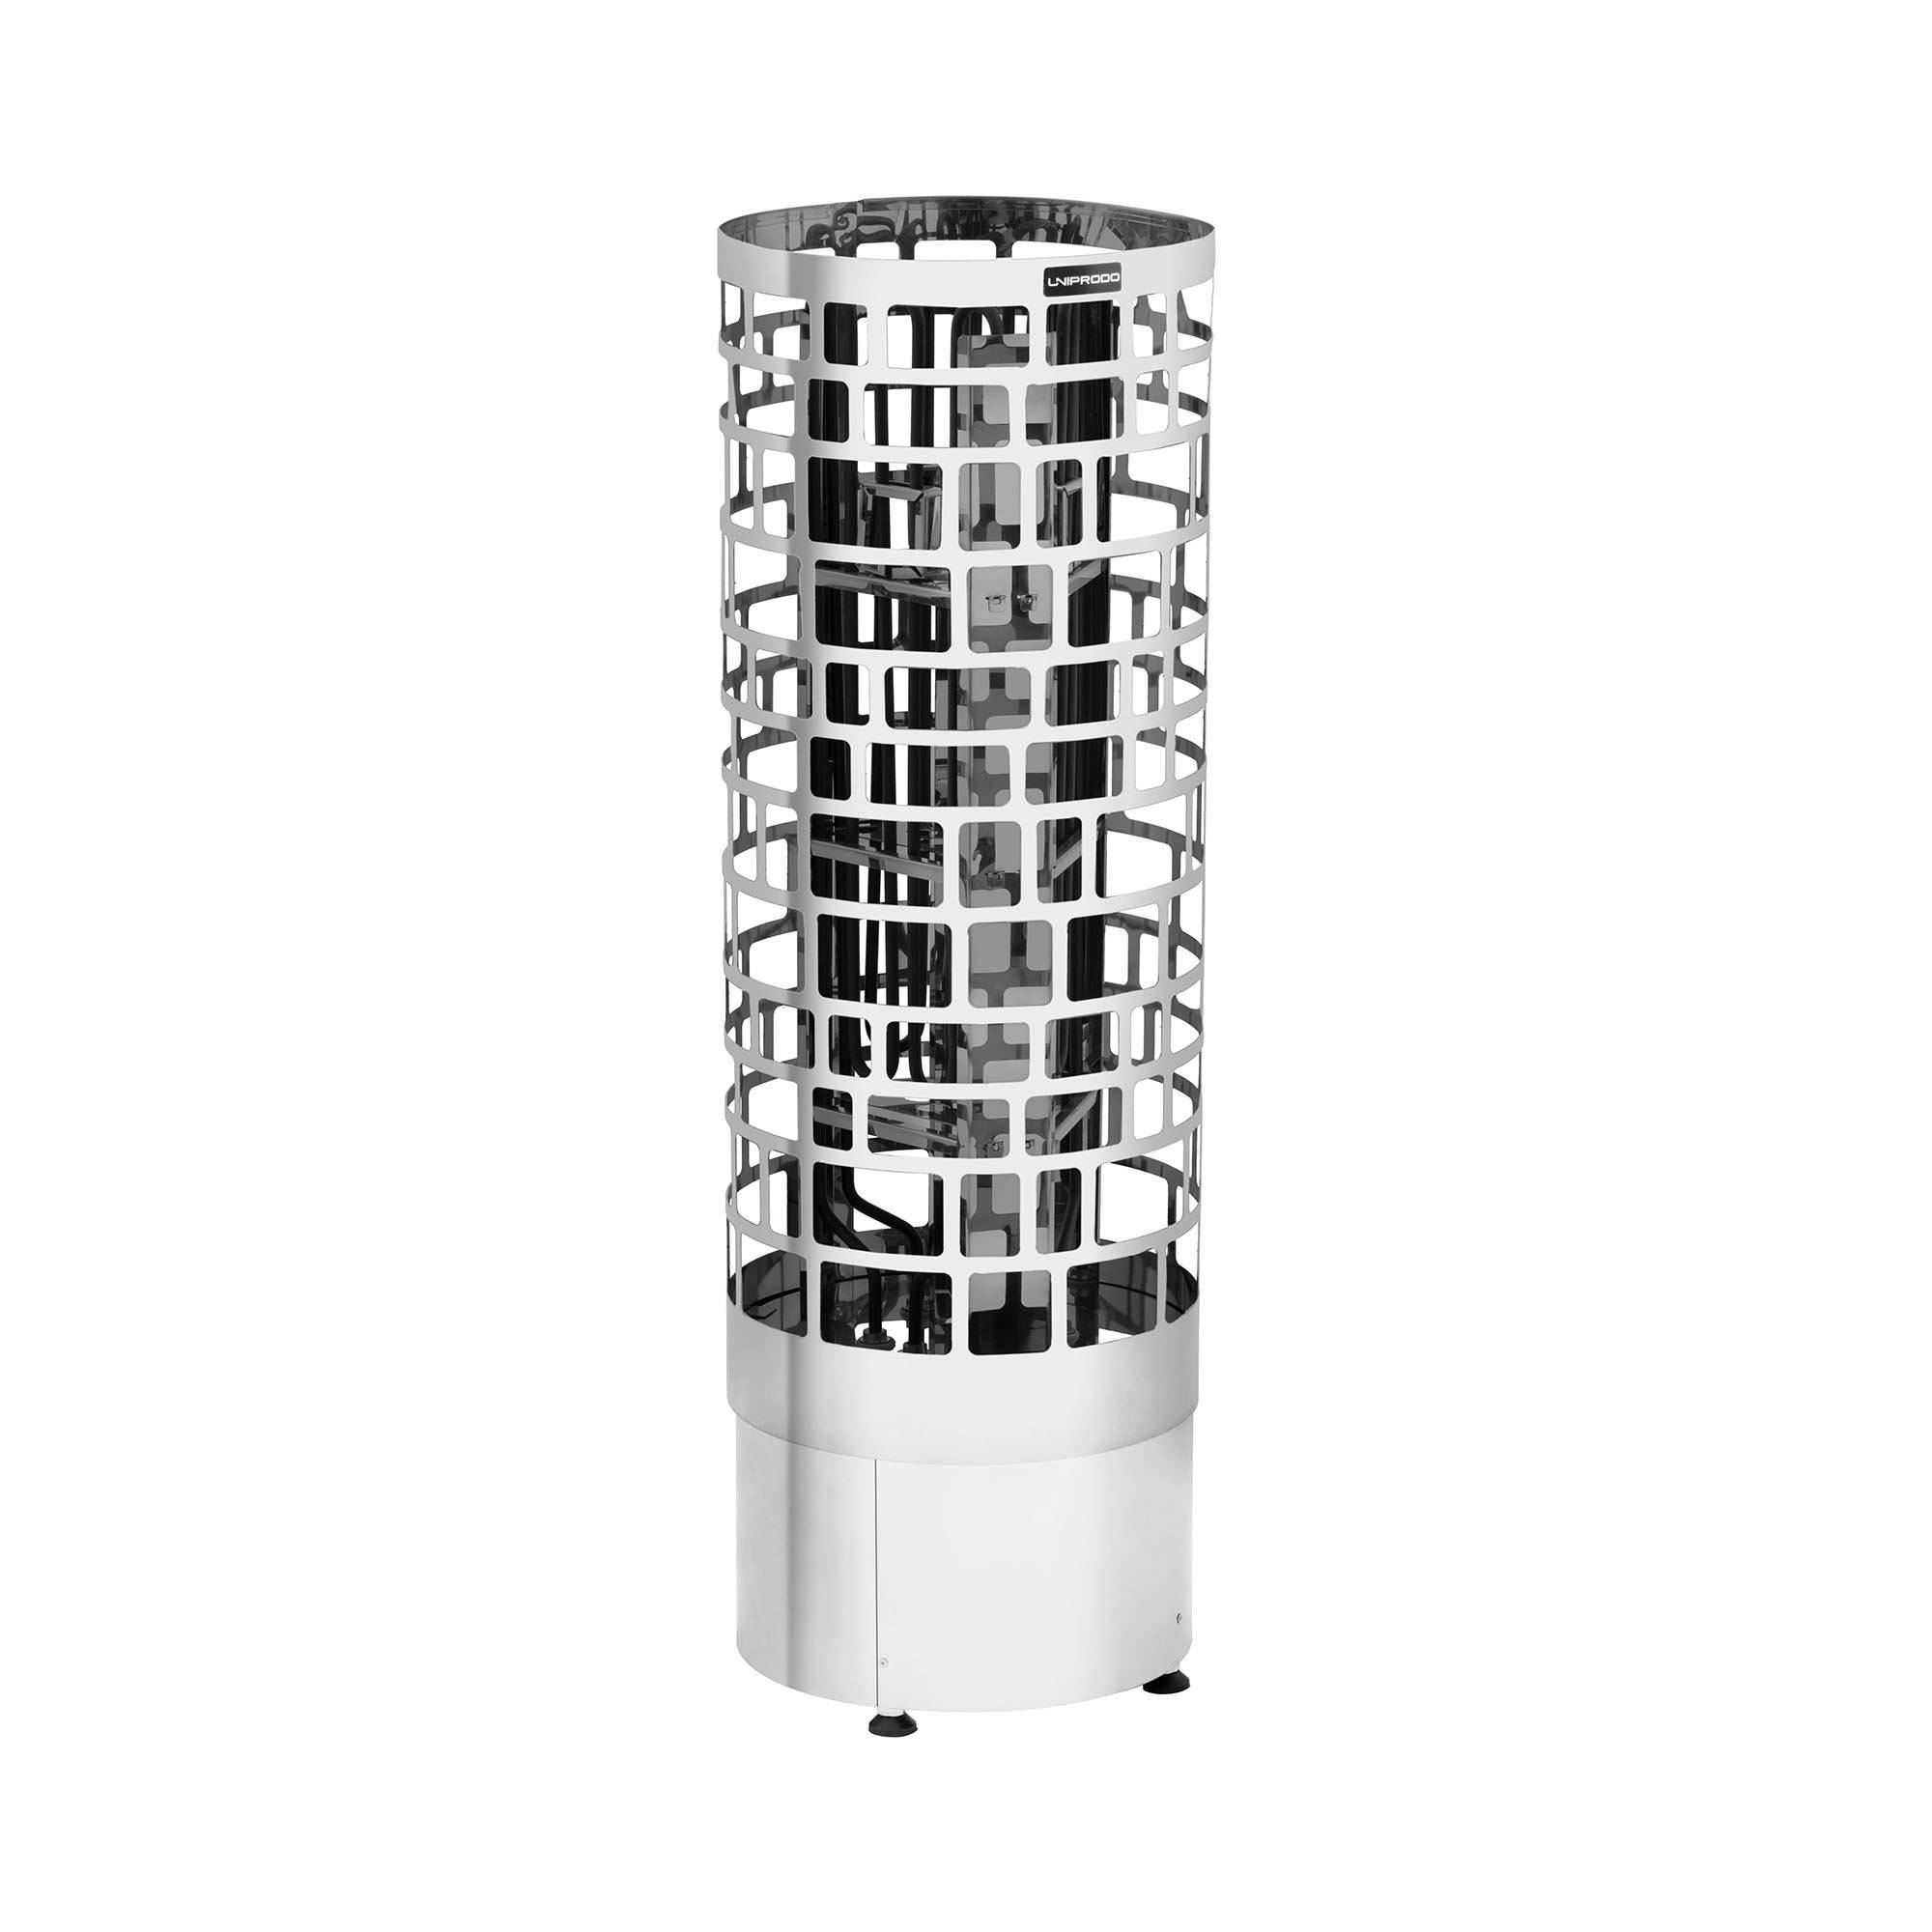 Uniprodo Poêle pour sauna- 6 kW - Modèle en colonne - 30 à 110 °C UNI_SAUNA_V6.0KW